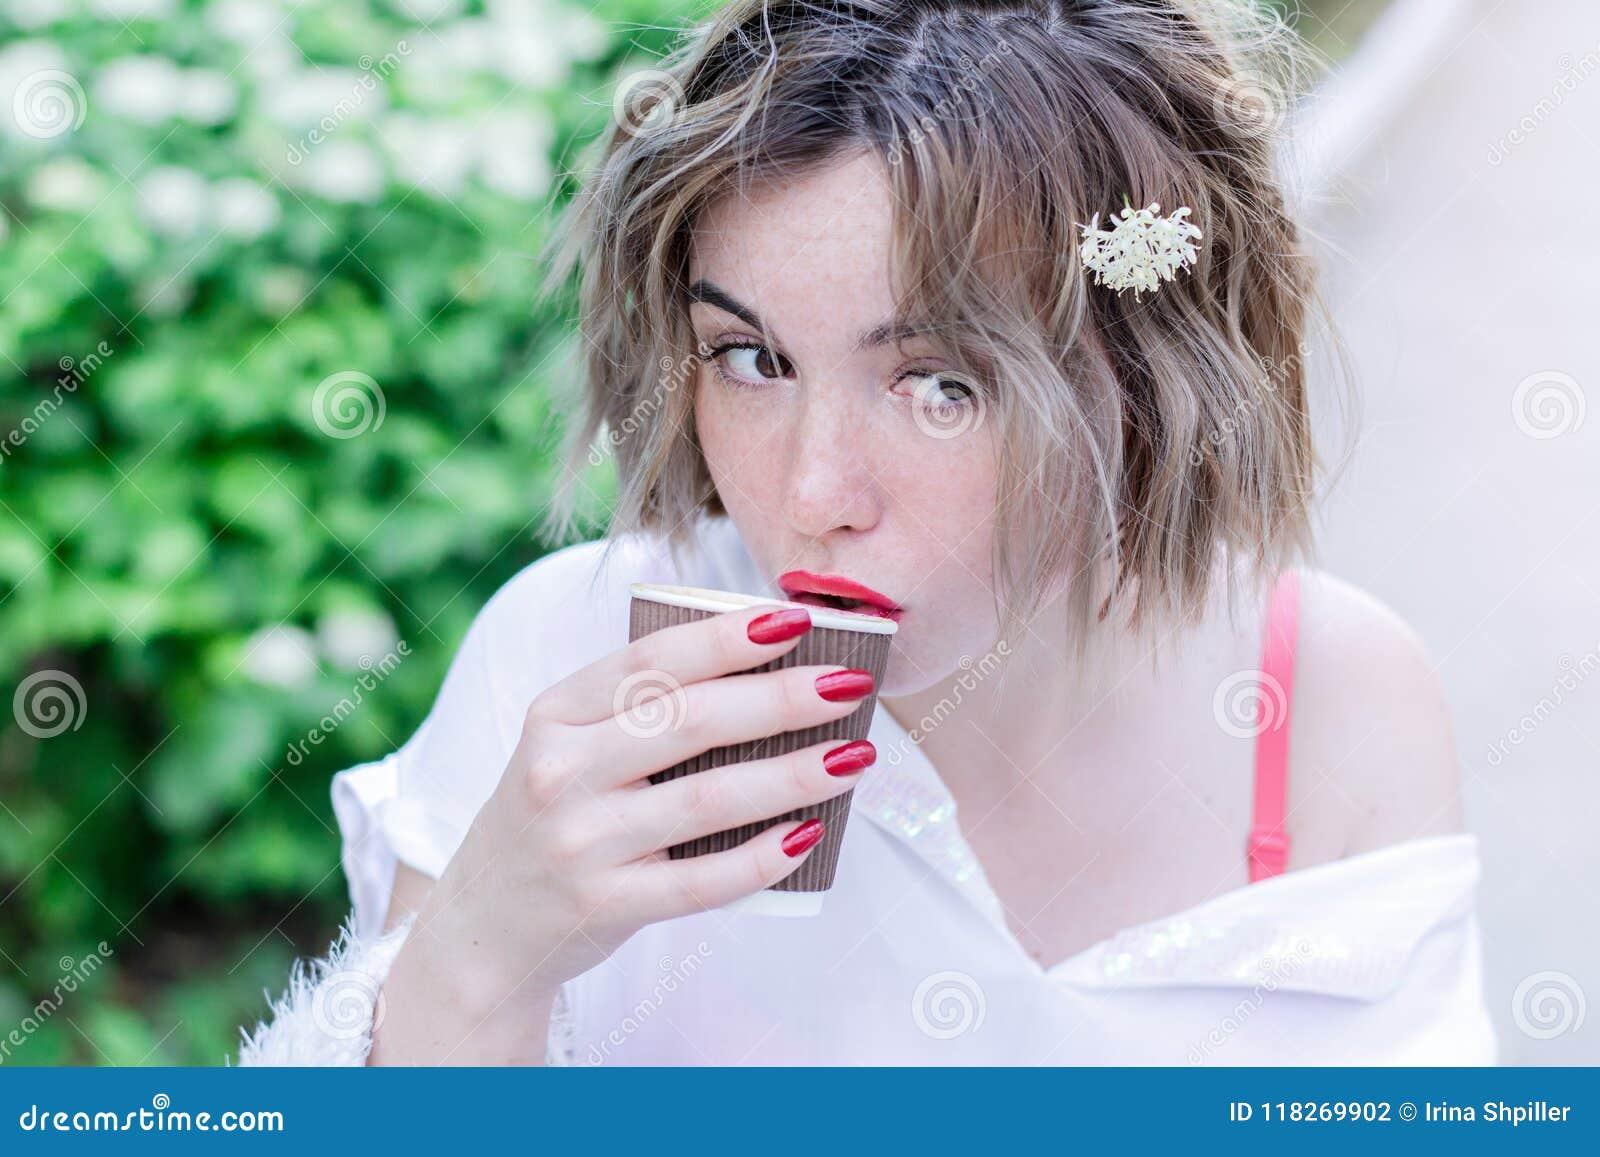 Привлекательная девушка с красными губами и цветком whith маникюра в ее волосах сидит в парке и выпивая кофе